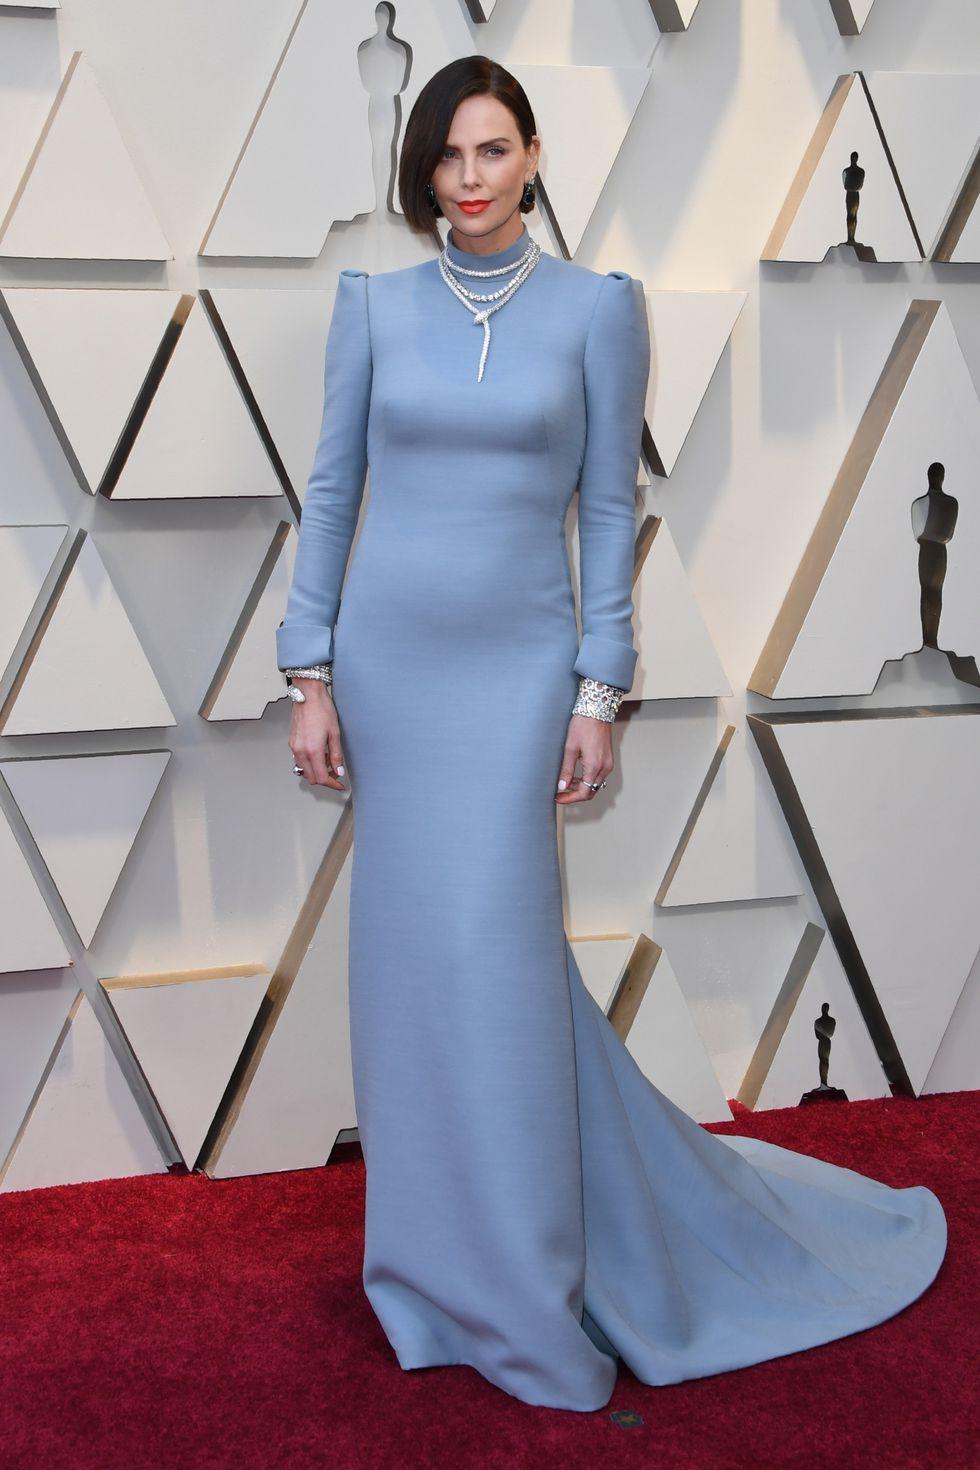 Charlize Theron impresionó con nuevo look en la alfombra roja. (Foto: AFP)